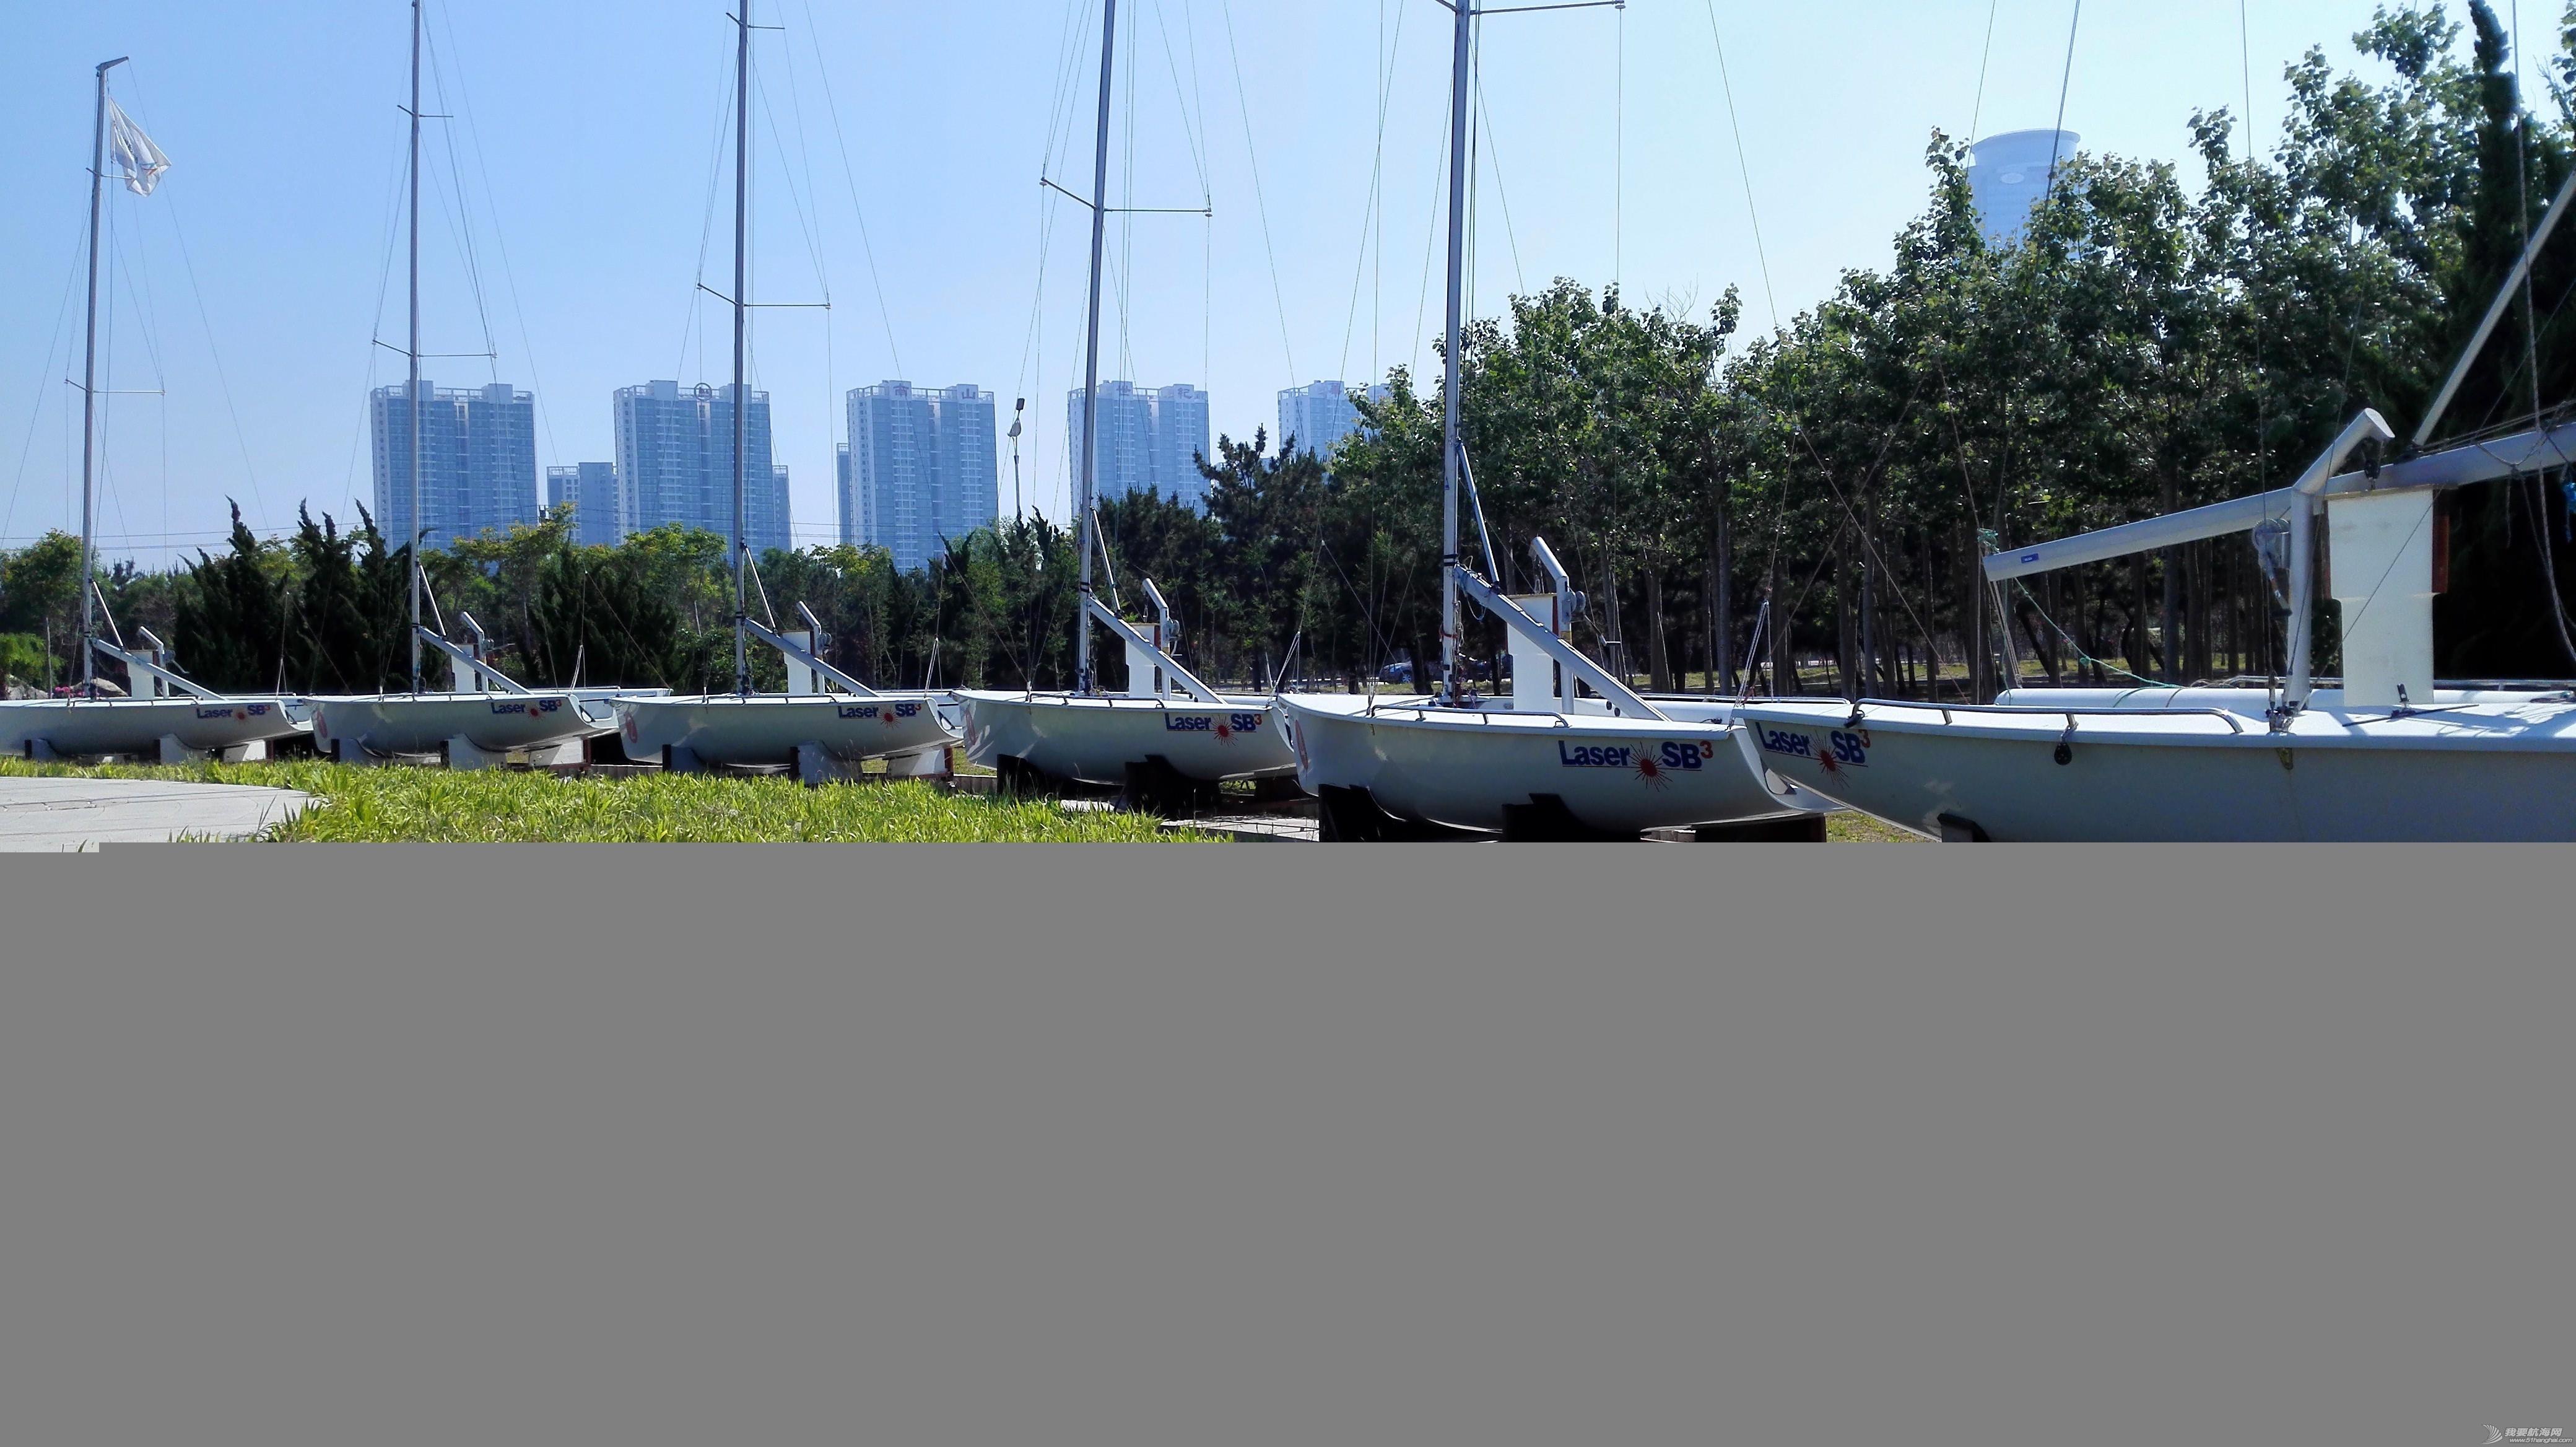 公开赛,烟台,帆船,赛事 2016年烟台帆船公开赛赛事小记 IMG_20160608_144136.jpg